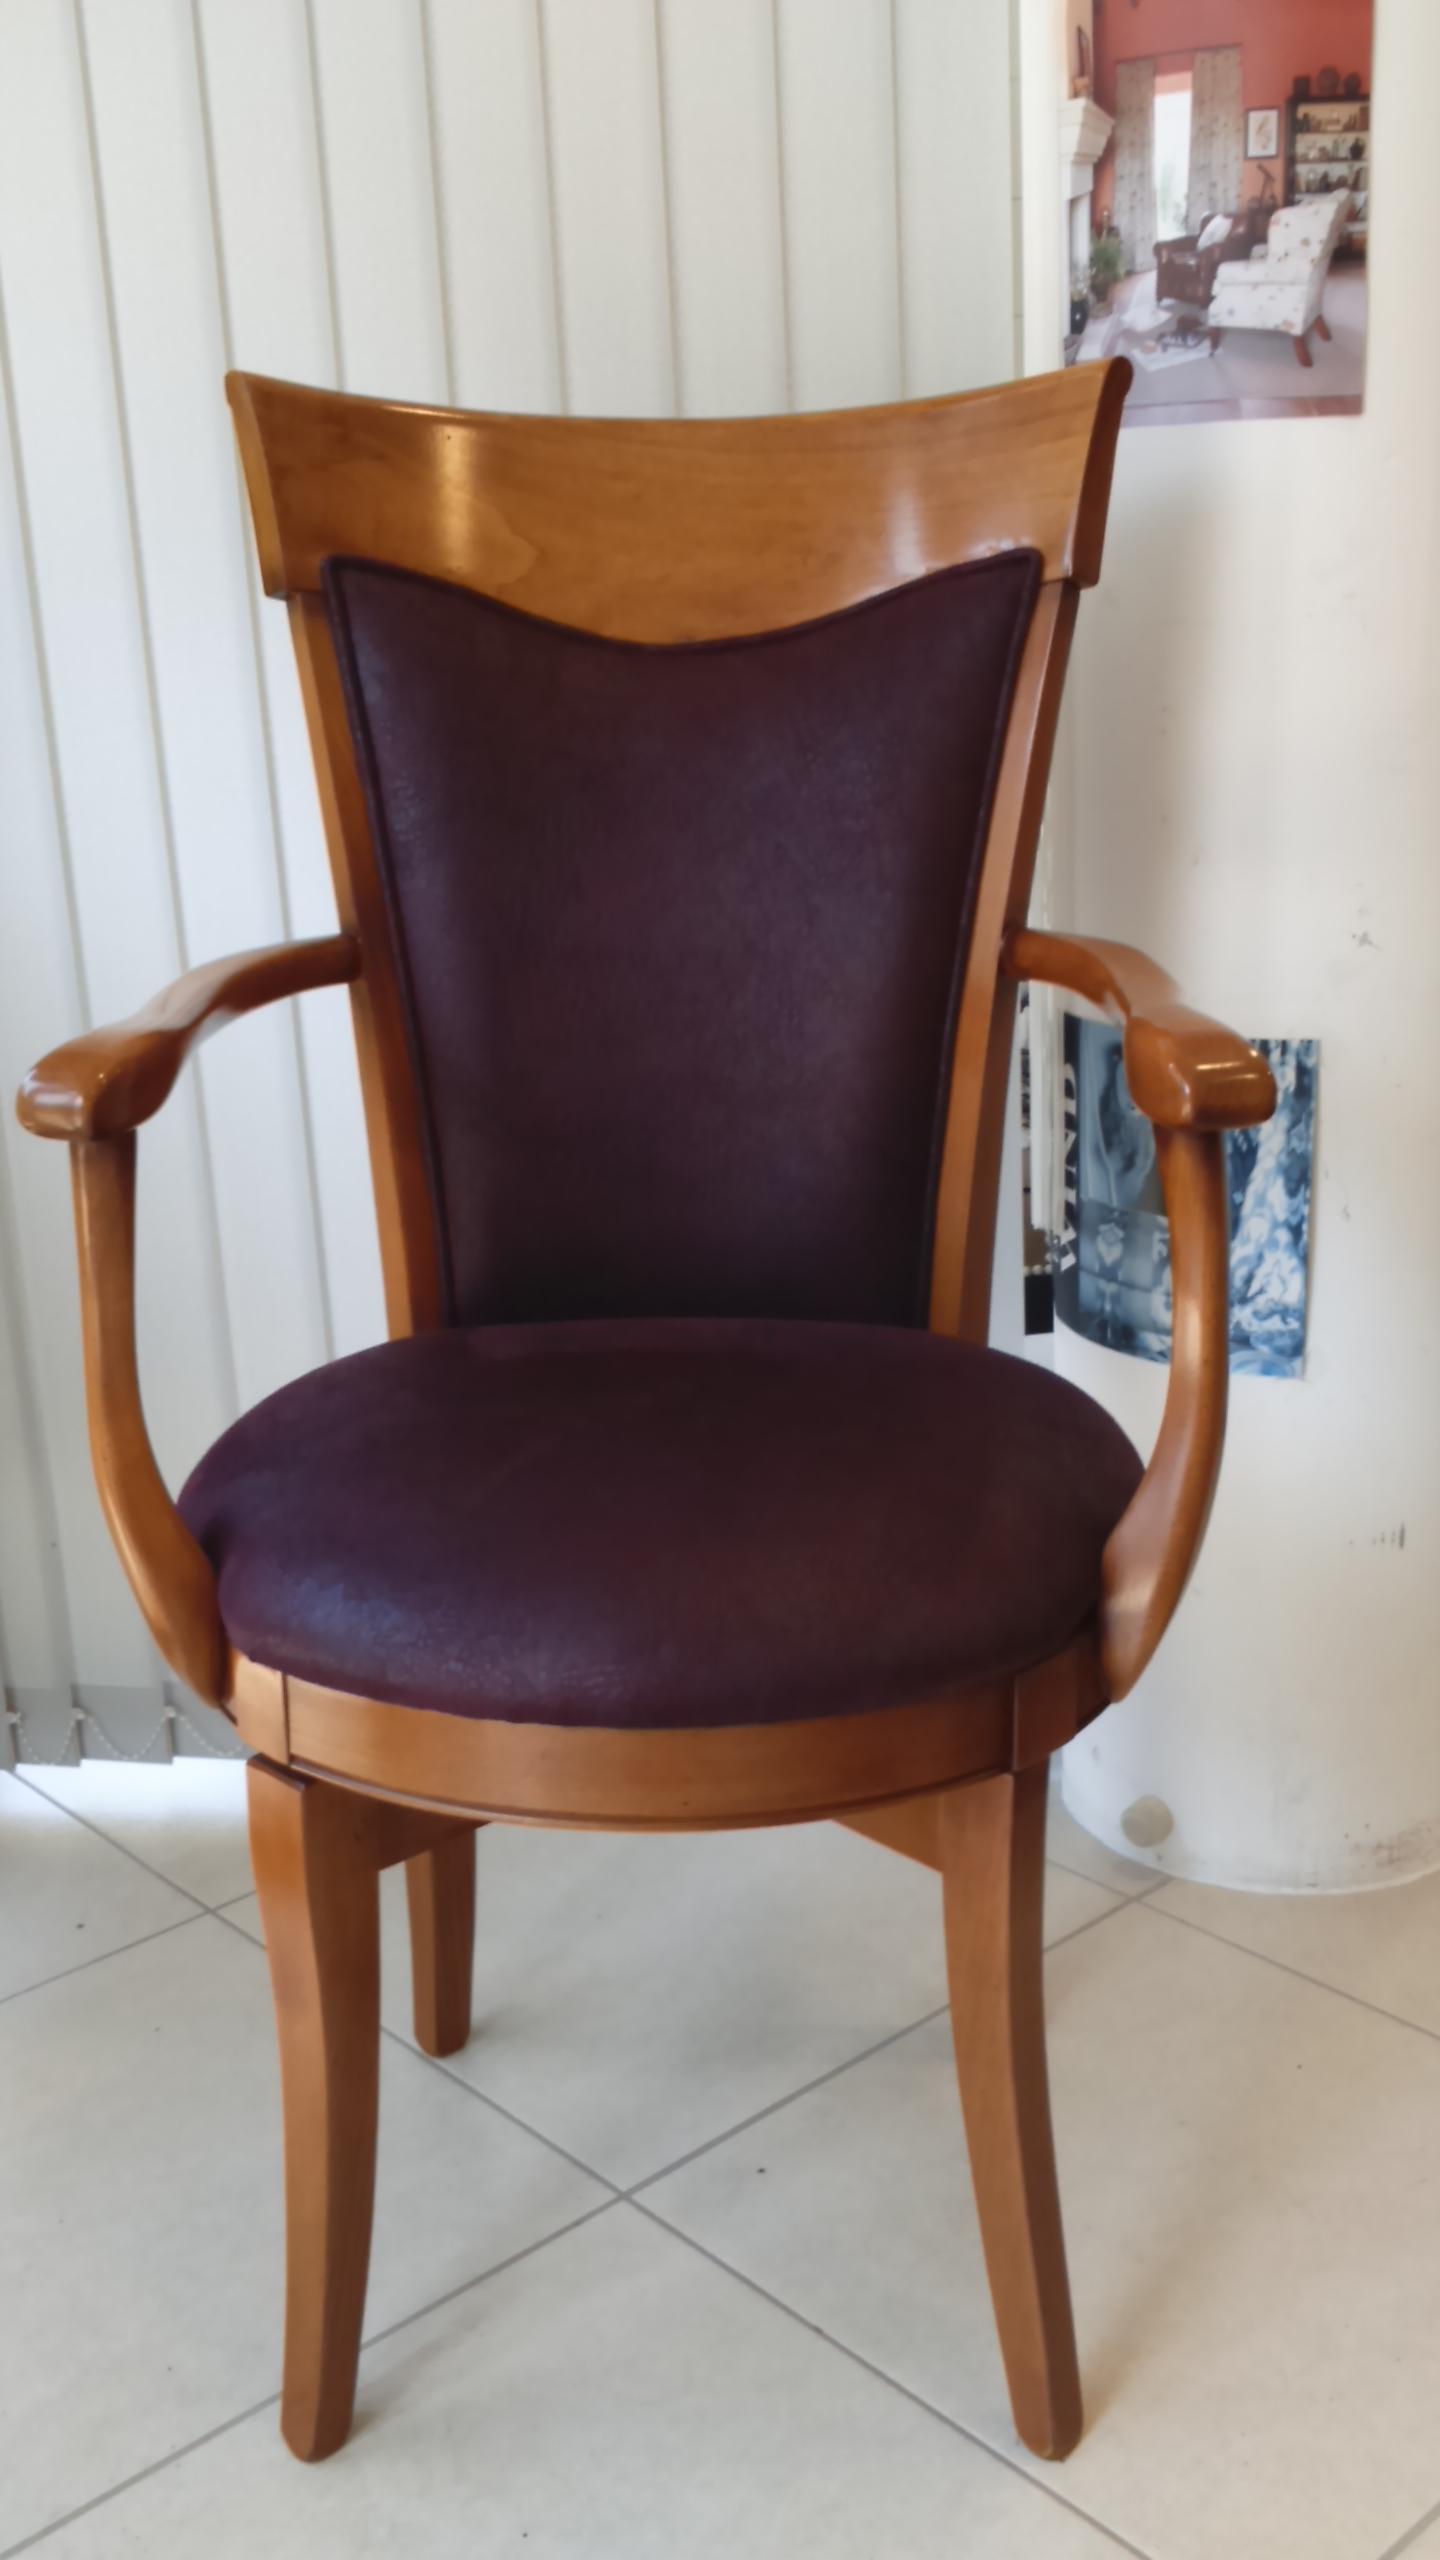 r fection de fauteuils retailleau tapissier decorateur pornichet. Black Bedroom Furniture Sets. Home Design Ideas